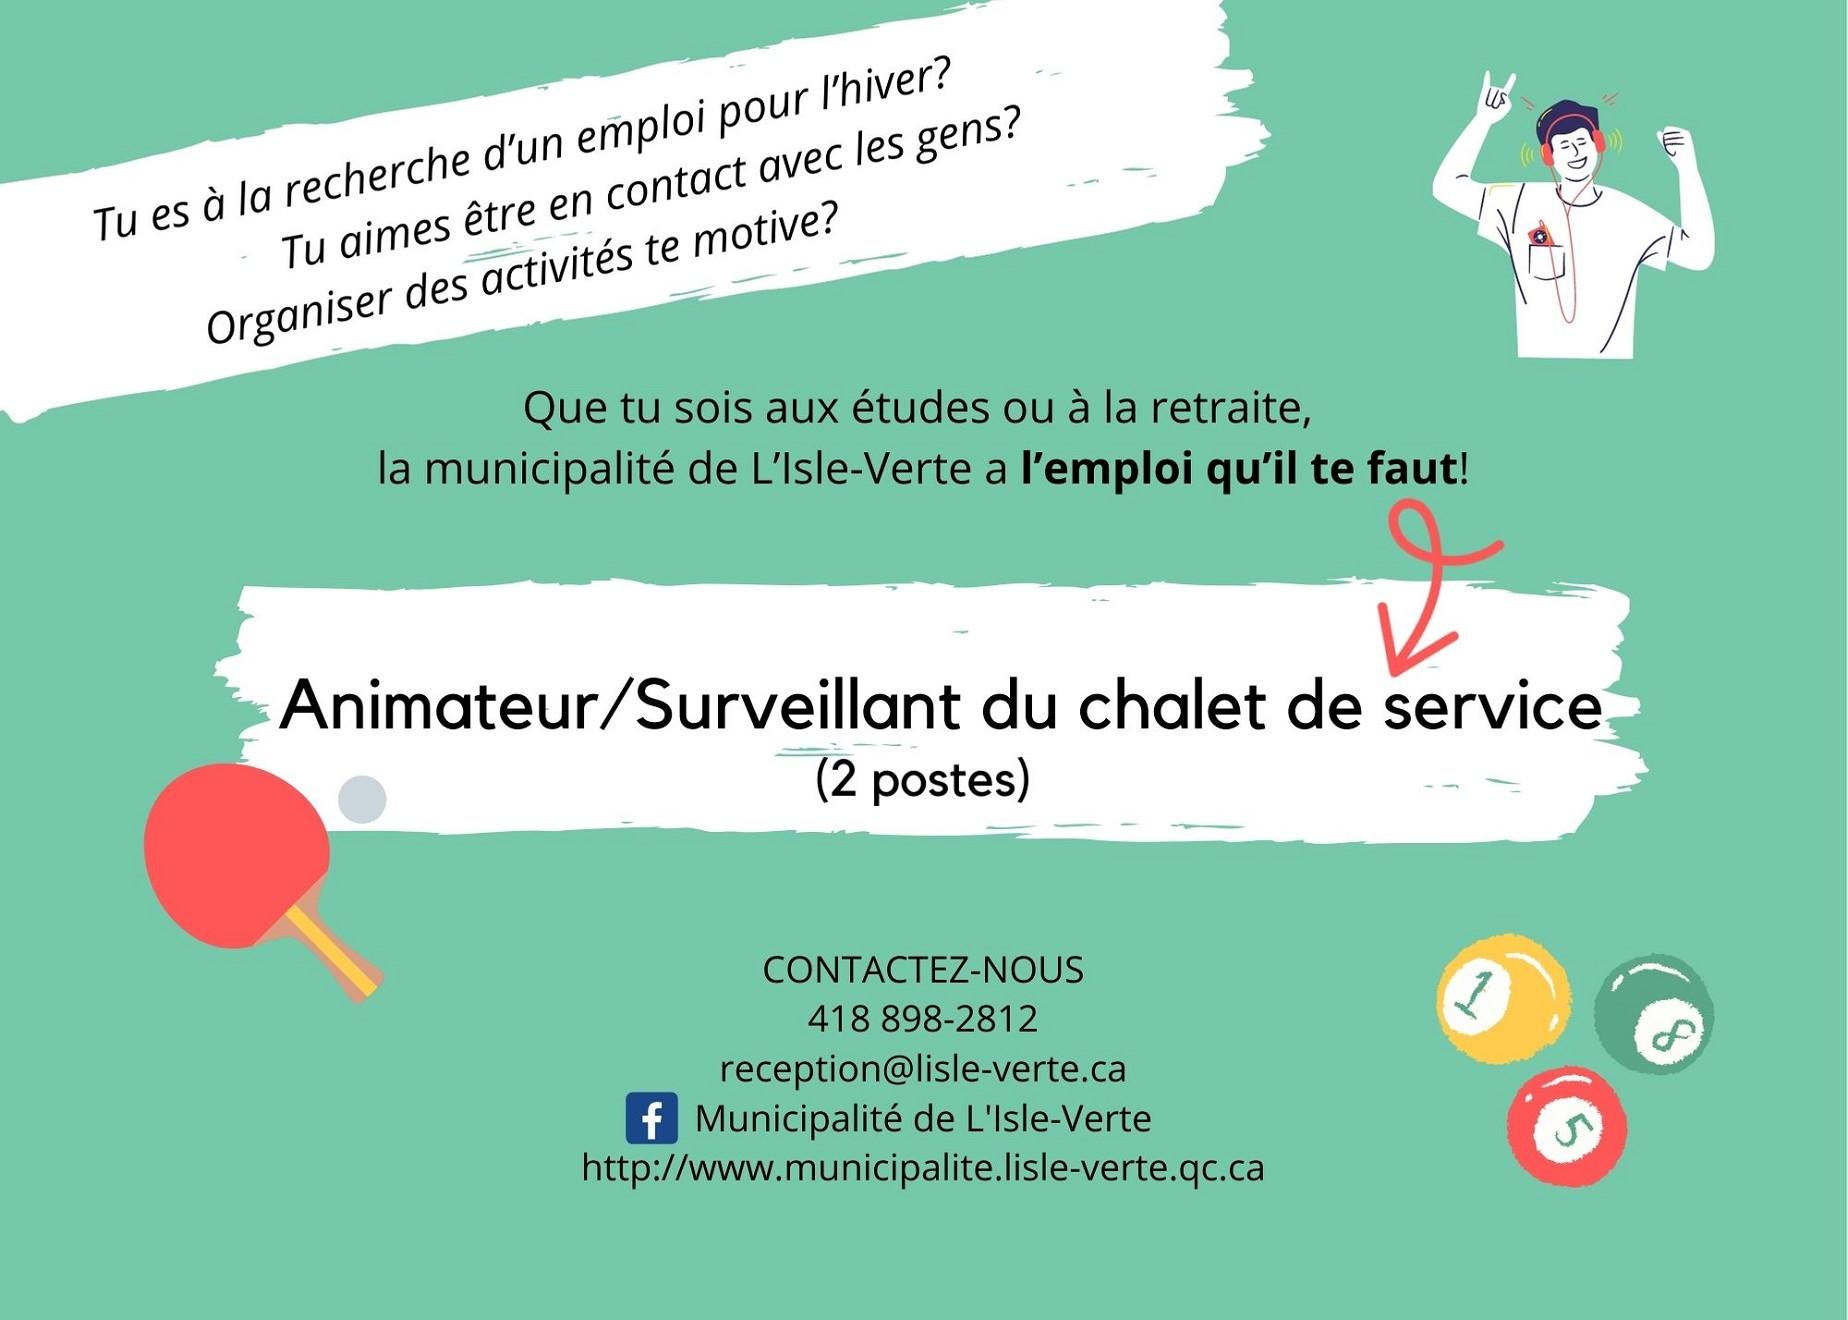 Animateur chalet - Affiche